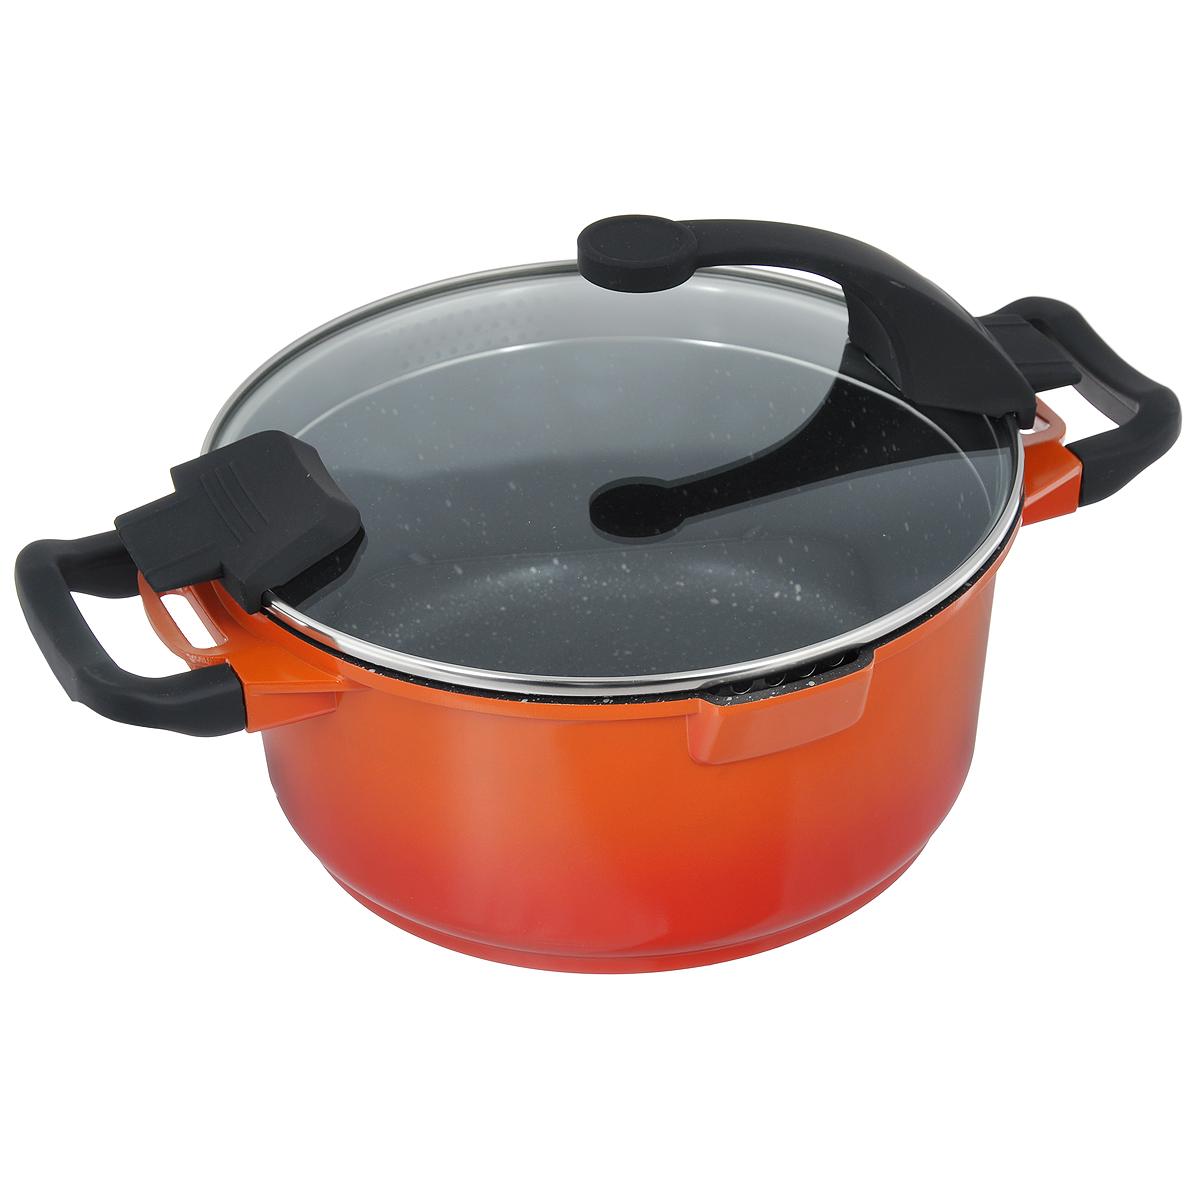 Кастрюля BergHOFF Virgo Orange с крышкой, с антипригарным покрытием, цвет: оранжево-красный, 4,6 л2304902Кастрюля BergHOFF Virgo изготовлена из литого алюминия, который имеет эффект чугунной посуды. В отличие от чугуна, посуда из алюминия легче по весу и быстро нагревается, что гарантирует сбережение энергии. Внутреннее покрытие - экологически безопасное антипригарное покрытие Ferno Green, которое не содержит ни свинца, ни кадмия. Антипригарные свойства посуды позволяют готовить без жира и подсолнечного масла или с его малым количеством. Ручки выполнены из бакелита с покрытием Soft-touch, они имеют комфортную эргономичную форму и не нагреваются в процессе эксплуатации. Крышка изготовлена из термостойкого стекла, благодаря чему можно наблюдать за ингредиентами в процессе приготовления. Широкий металлический обод со специальными отверстиями разного диаметра позволяет выливать жидкость, не снимая крышку. Подходит для всех типов плит, включая индукционные. Рекомендуется мыть вручную. Диаметр кастрюли (по верхнему краю): 24 см. Ширина кастрюли (с учетом ручек): 36 см.Высота стенки: 11,5 см. Толщина стенки: 3 мм. Толщина дна: 5 мм.